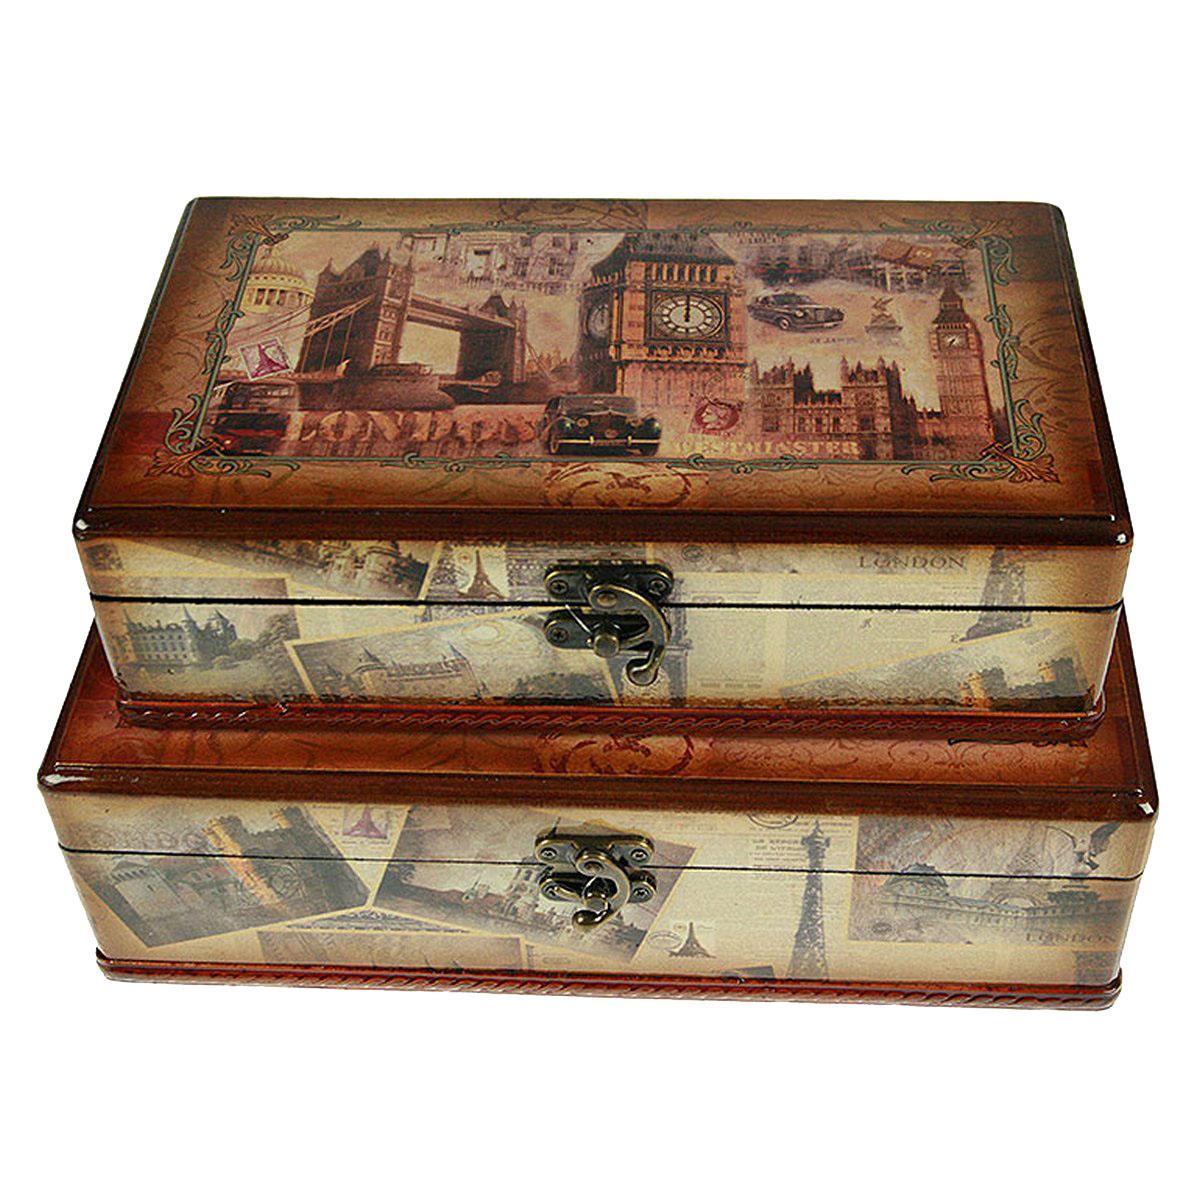 Набор сундучков Roura Decoracion, 35 х 22 х 11 см, 2 шт. 34746 набор сундучков roura decoracion 27 х 14 х 10 см 2 шт 34554